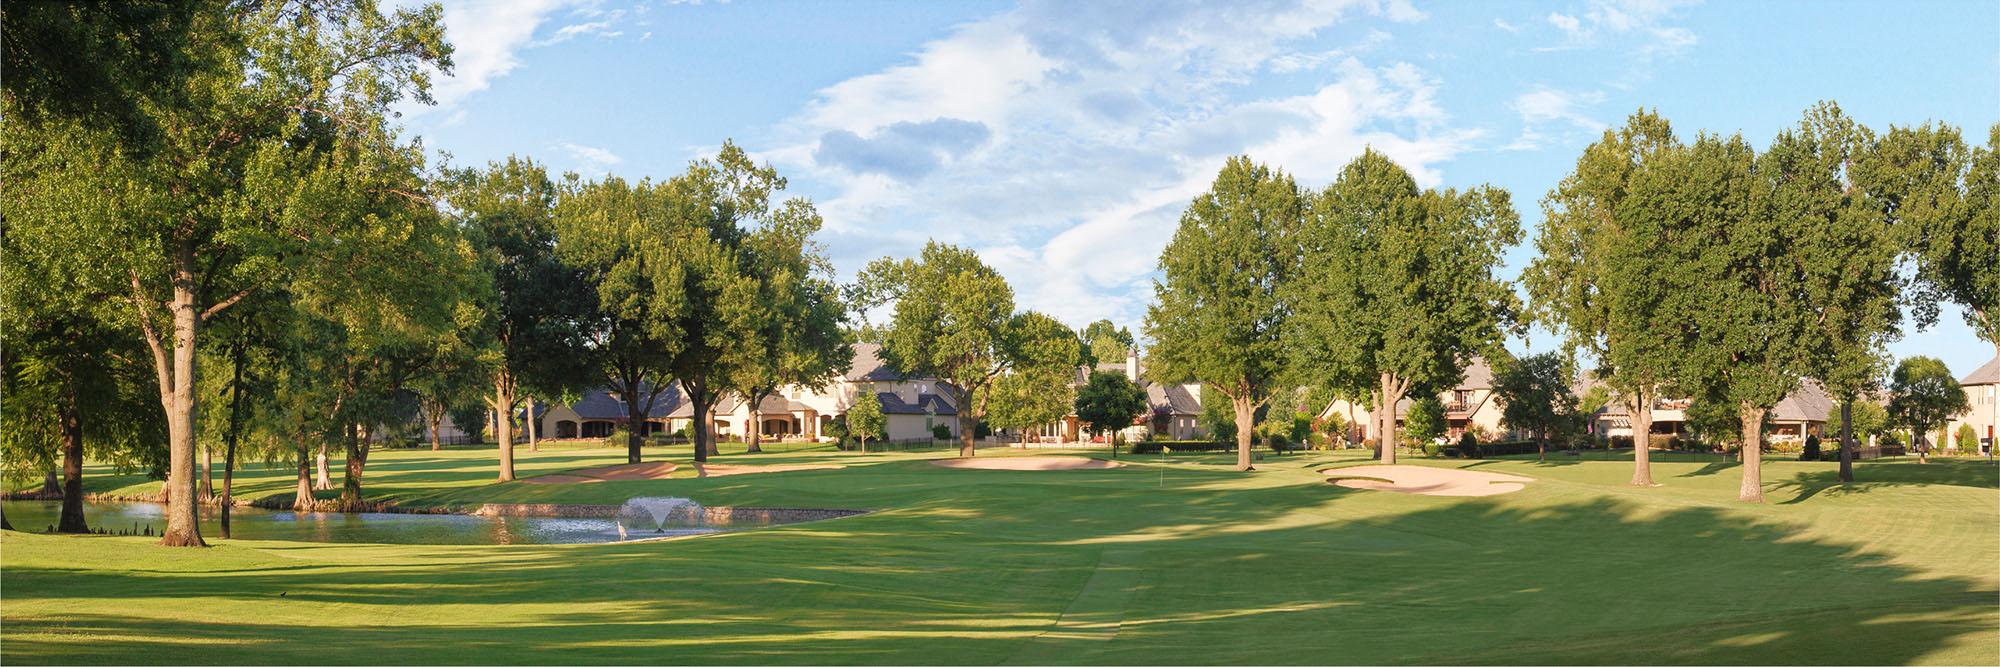 Golf Course Image - Cedar Ridge No. 6